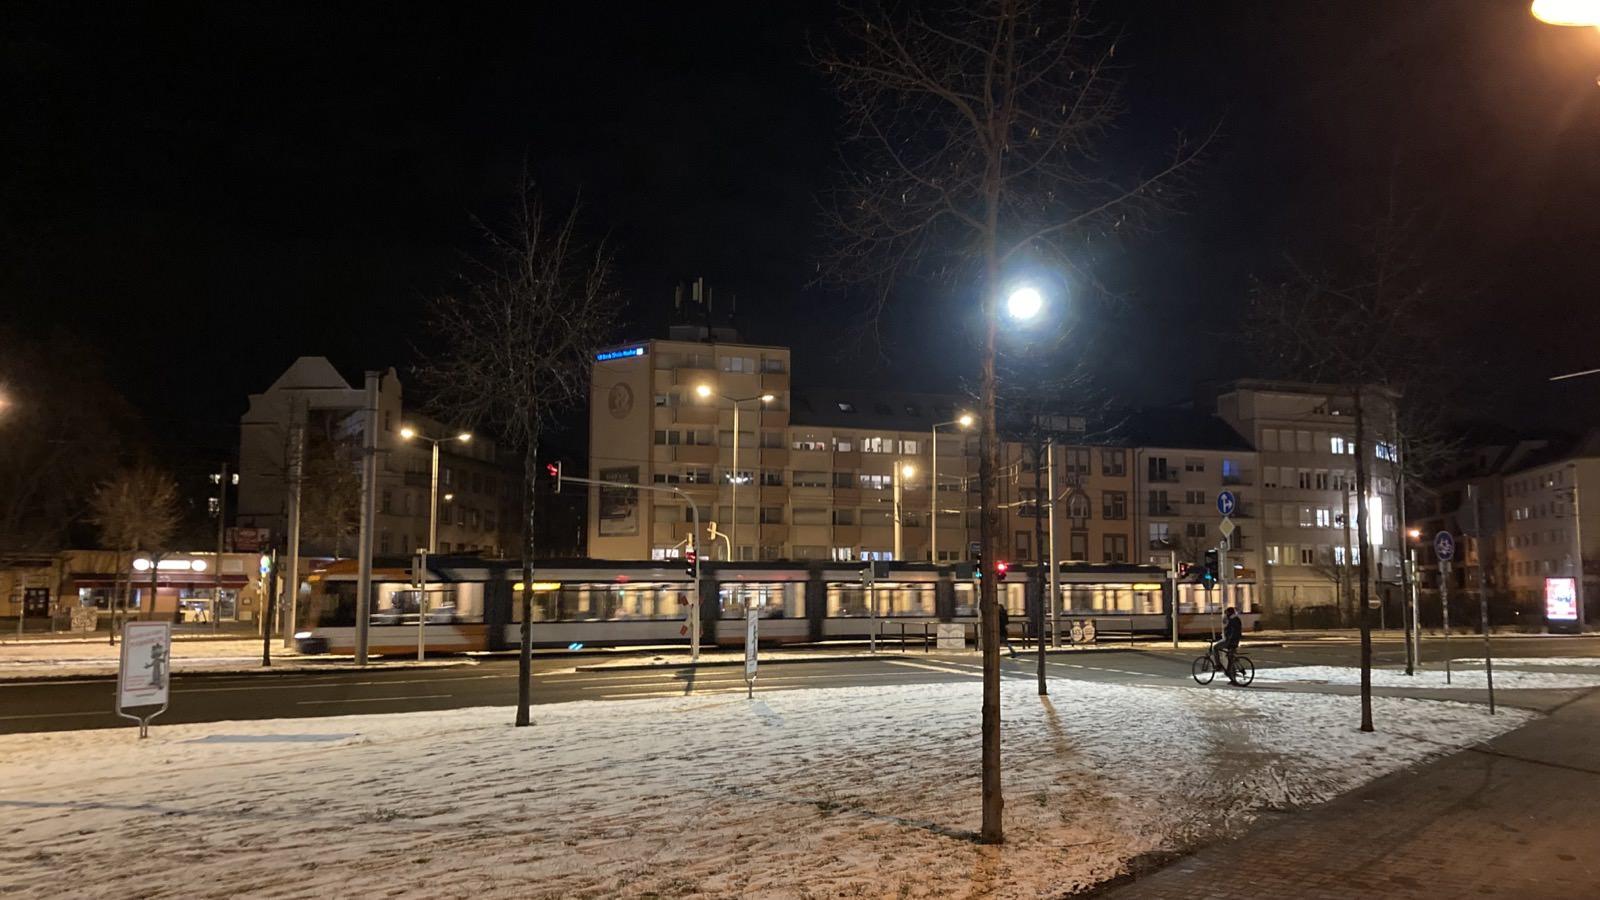 Bis auf Berufspendler*innen menschenleere Straßen auch an sonst belebten Orten der Neckarstadt | Foto: M. Schülke